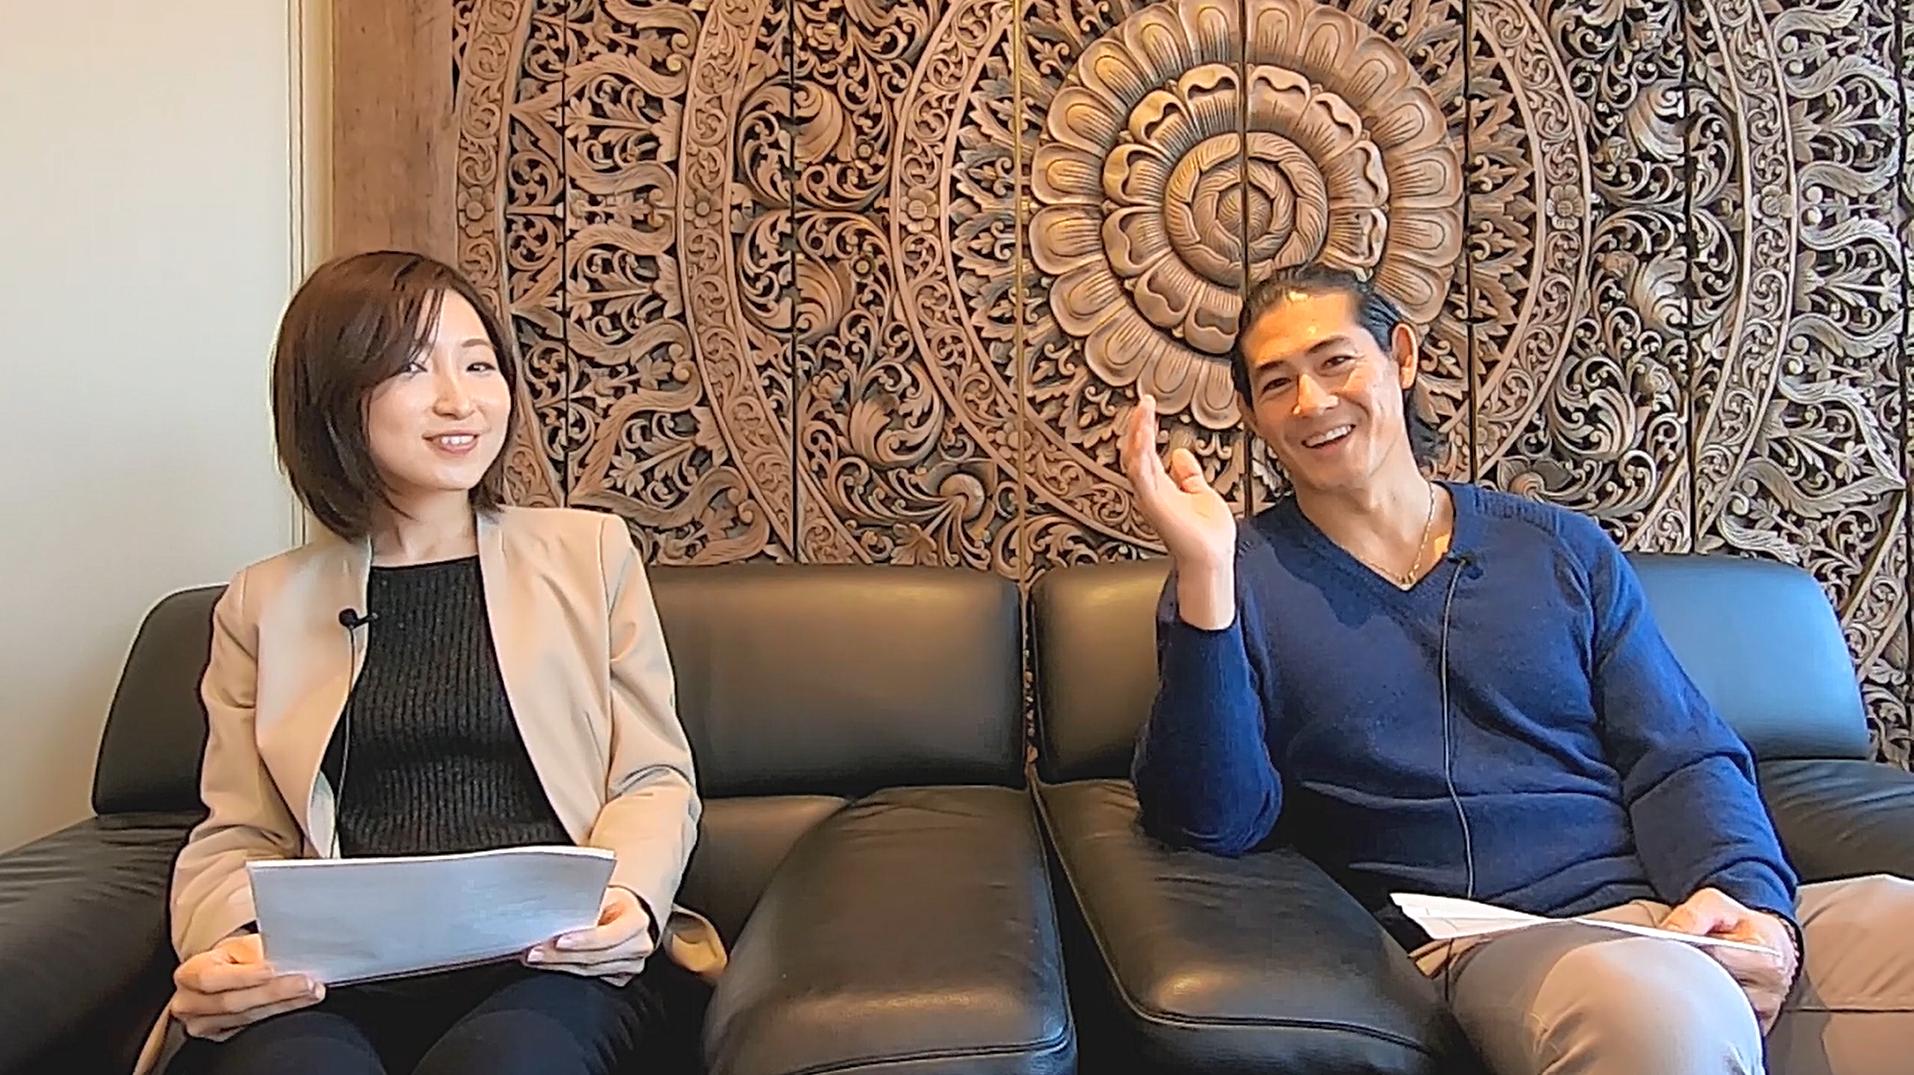 人とのつながりを大事にしている下藤社長が出会った一人の女性が下藤社長の人生観を変える。